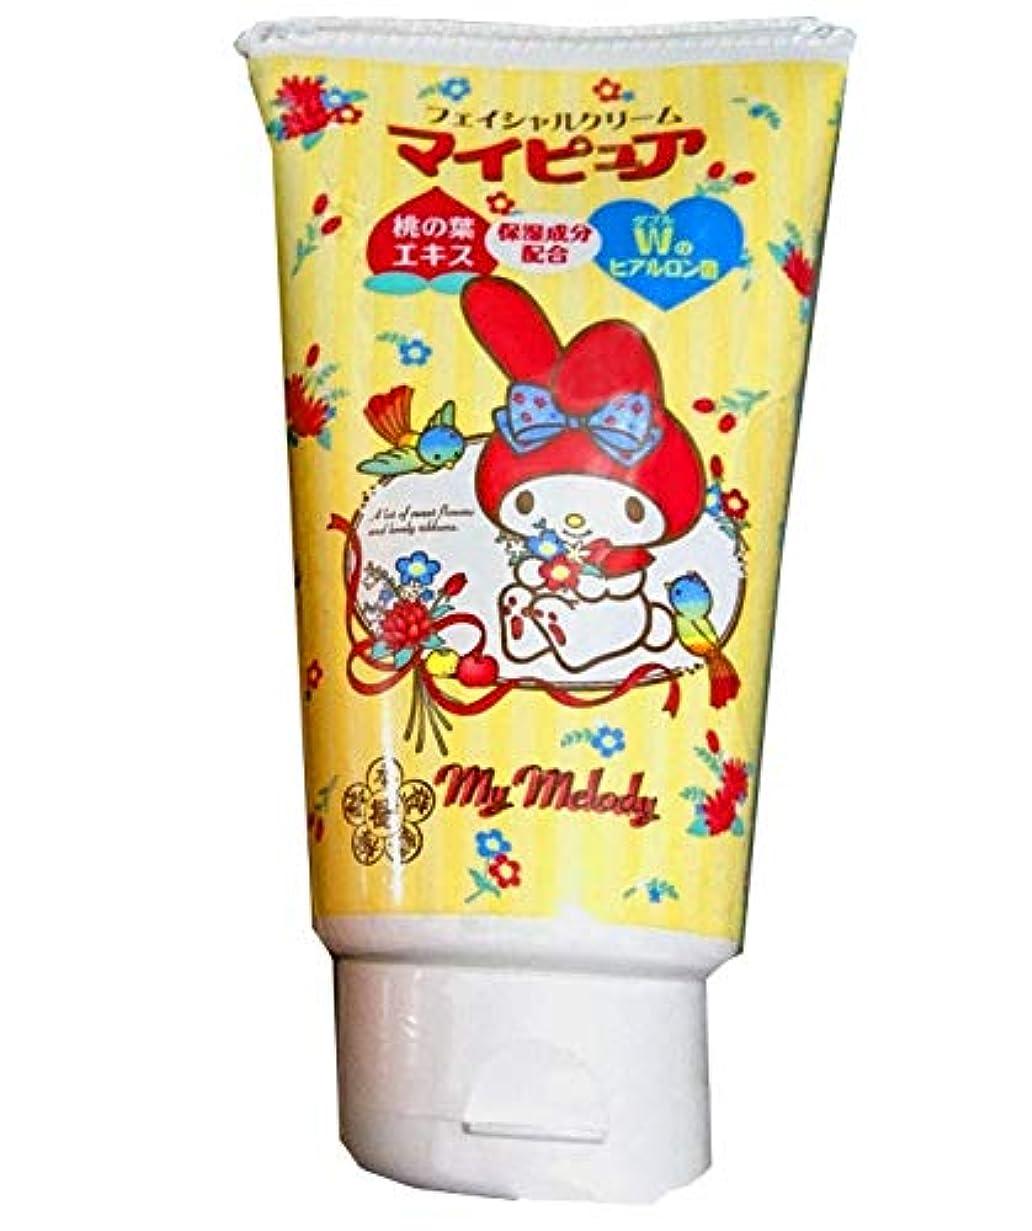 欠員バケツ微生物【とっても可愛いサンリオ・限定品!】マイピュア フェイシャルクリーム 100g